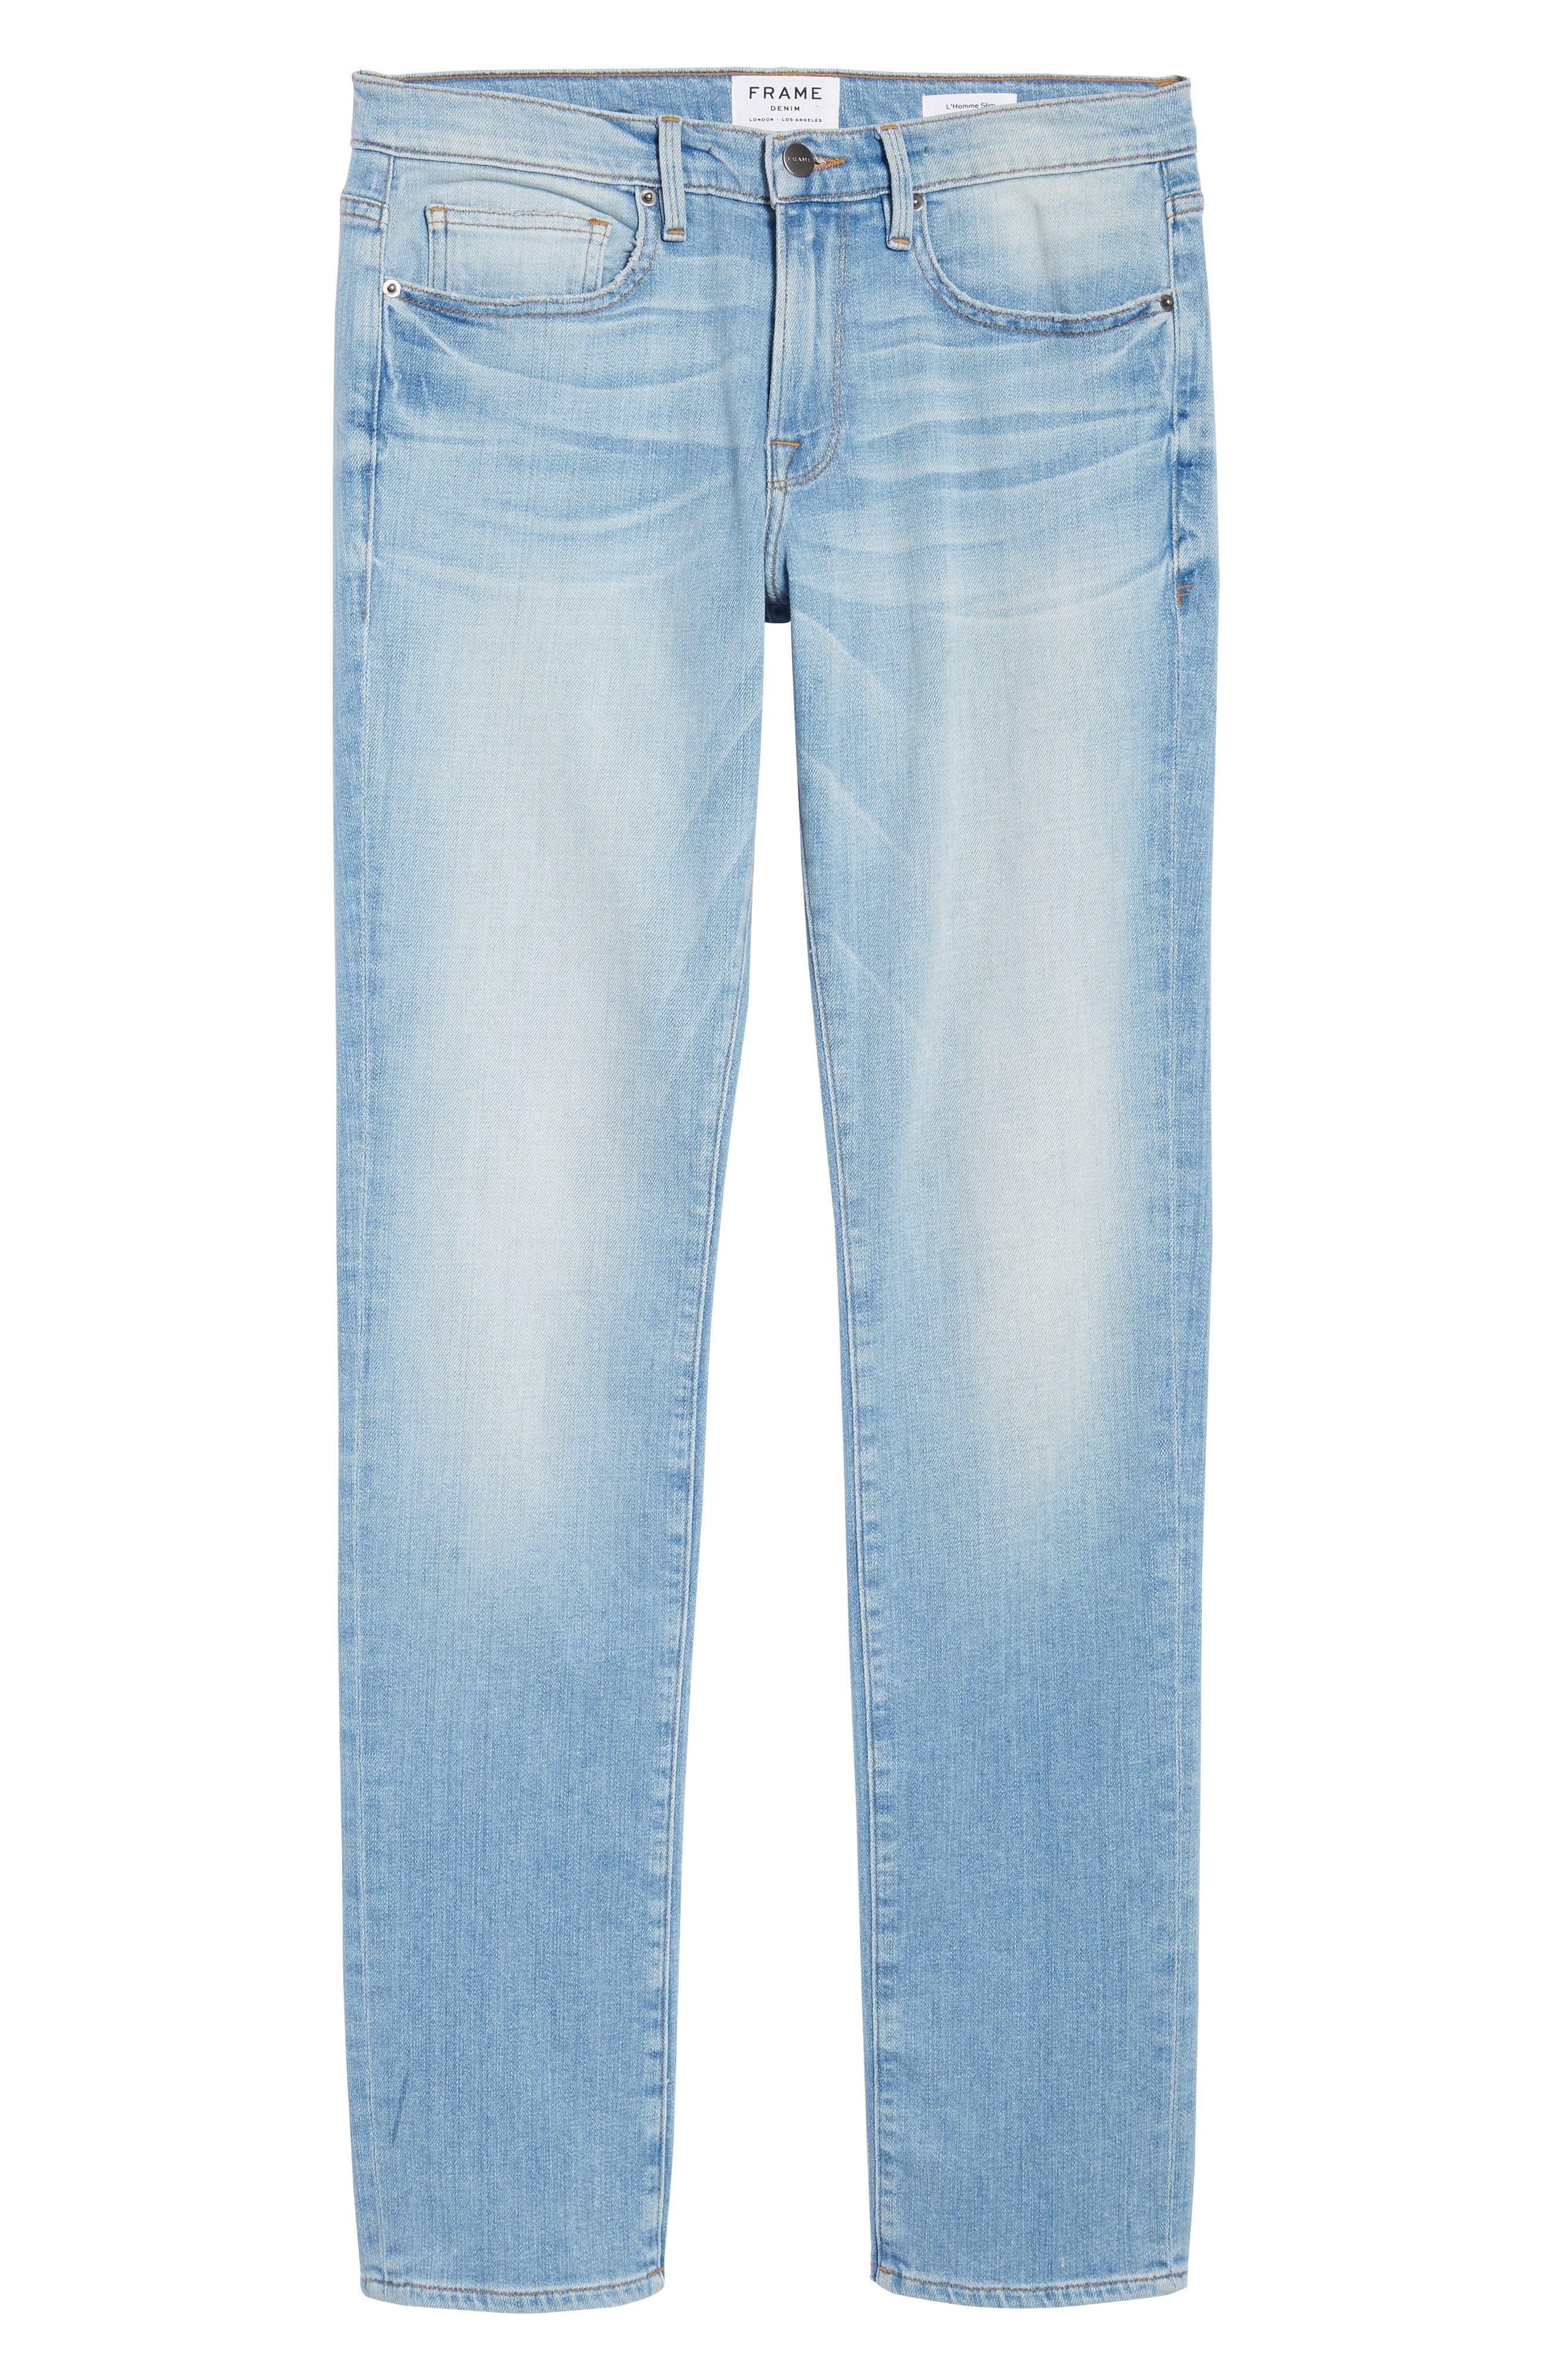 L'Homme Straight Leg Jeans,                             Alternate thumbnail 6, color,                             Finn